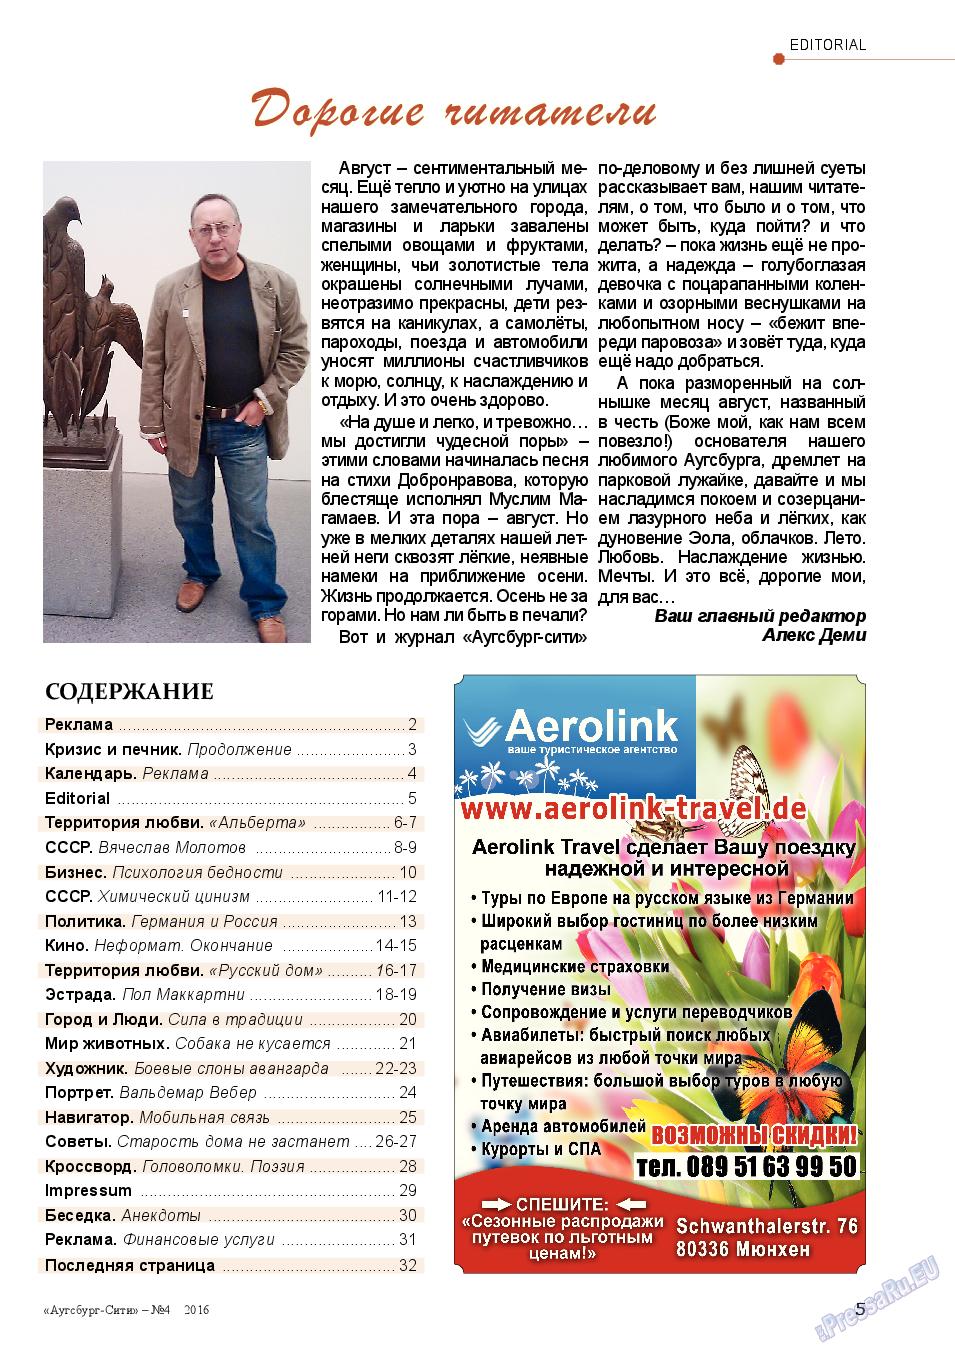 Аугсбург-сити (журнал). 2016 год, номер 4, стр. 5